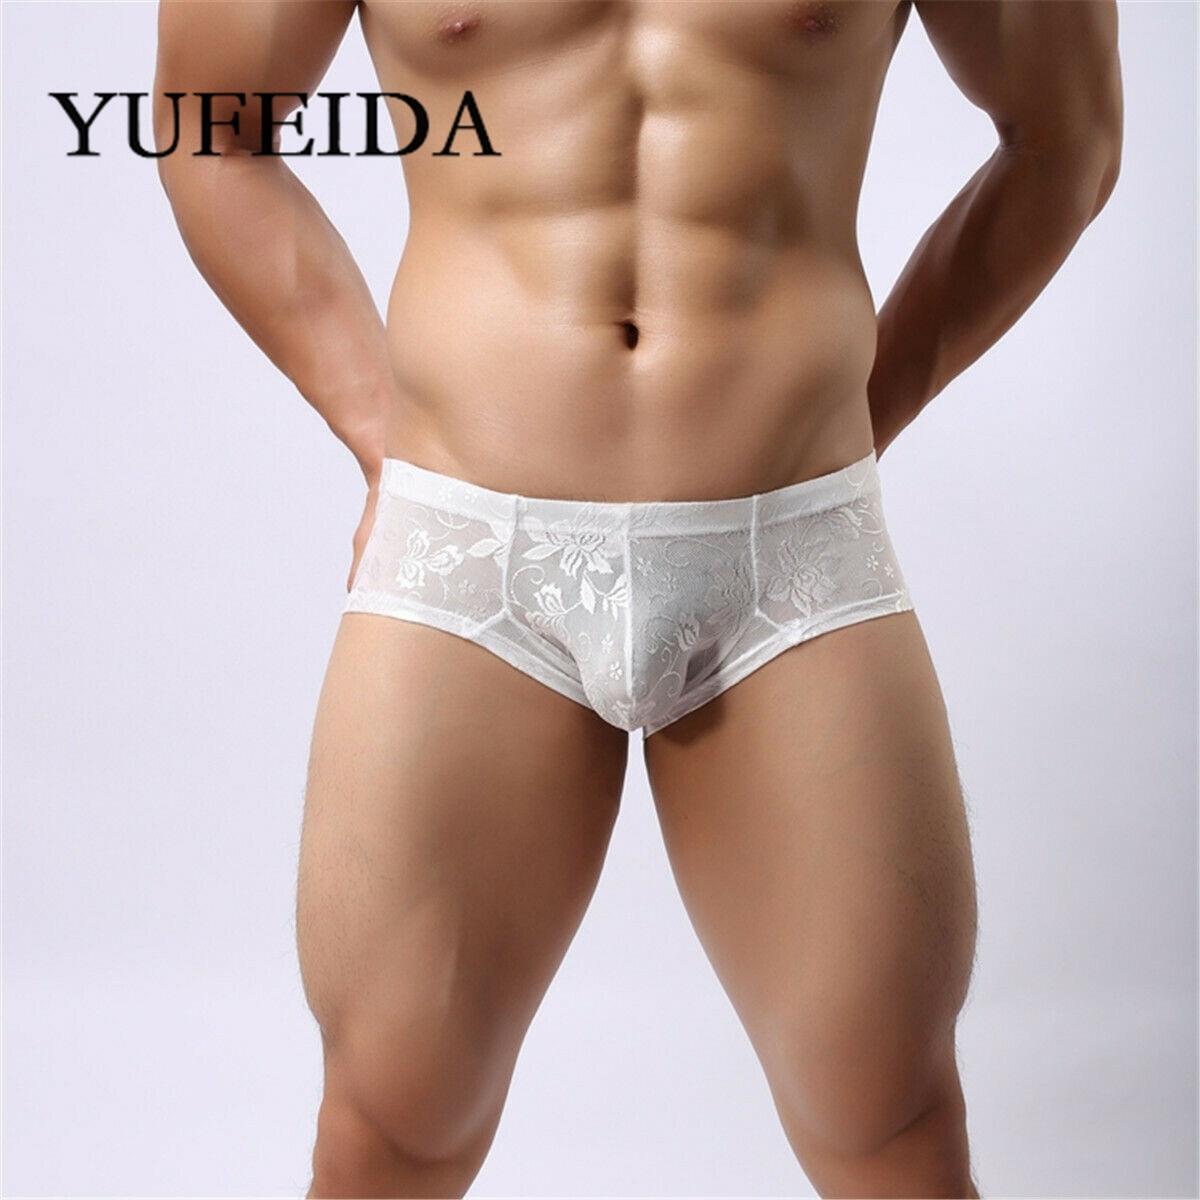 Ropa interior YUFEIDA para hombre, calzoncillos Boxer de cintura baja, bolsa convexa en U, Boxers de encaje, bañadores, calzoncillos sexis para hombres, bragas masculinas Cueca